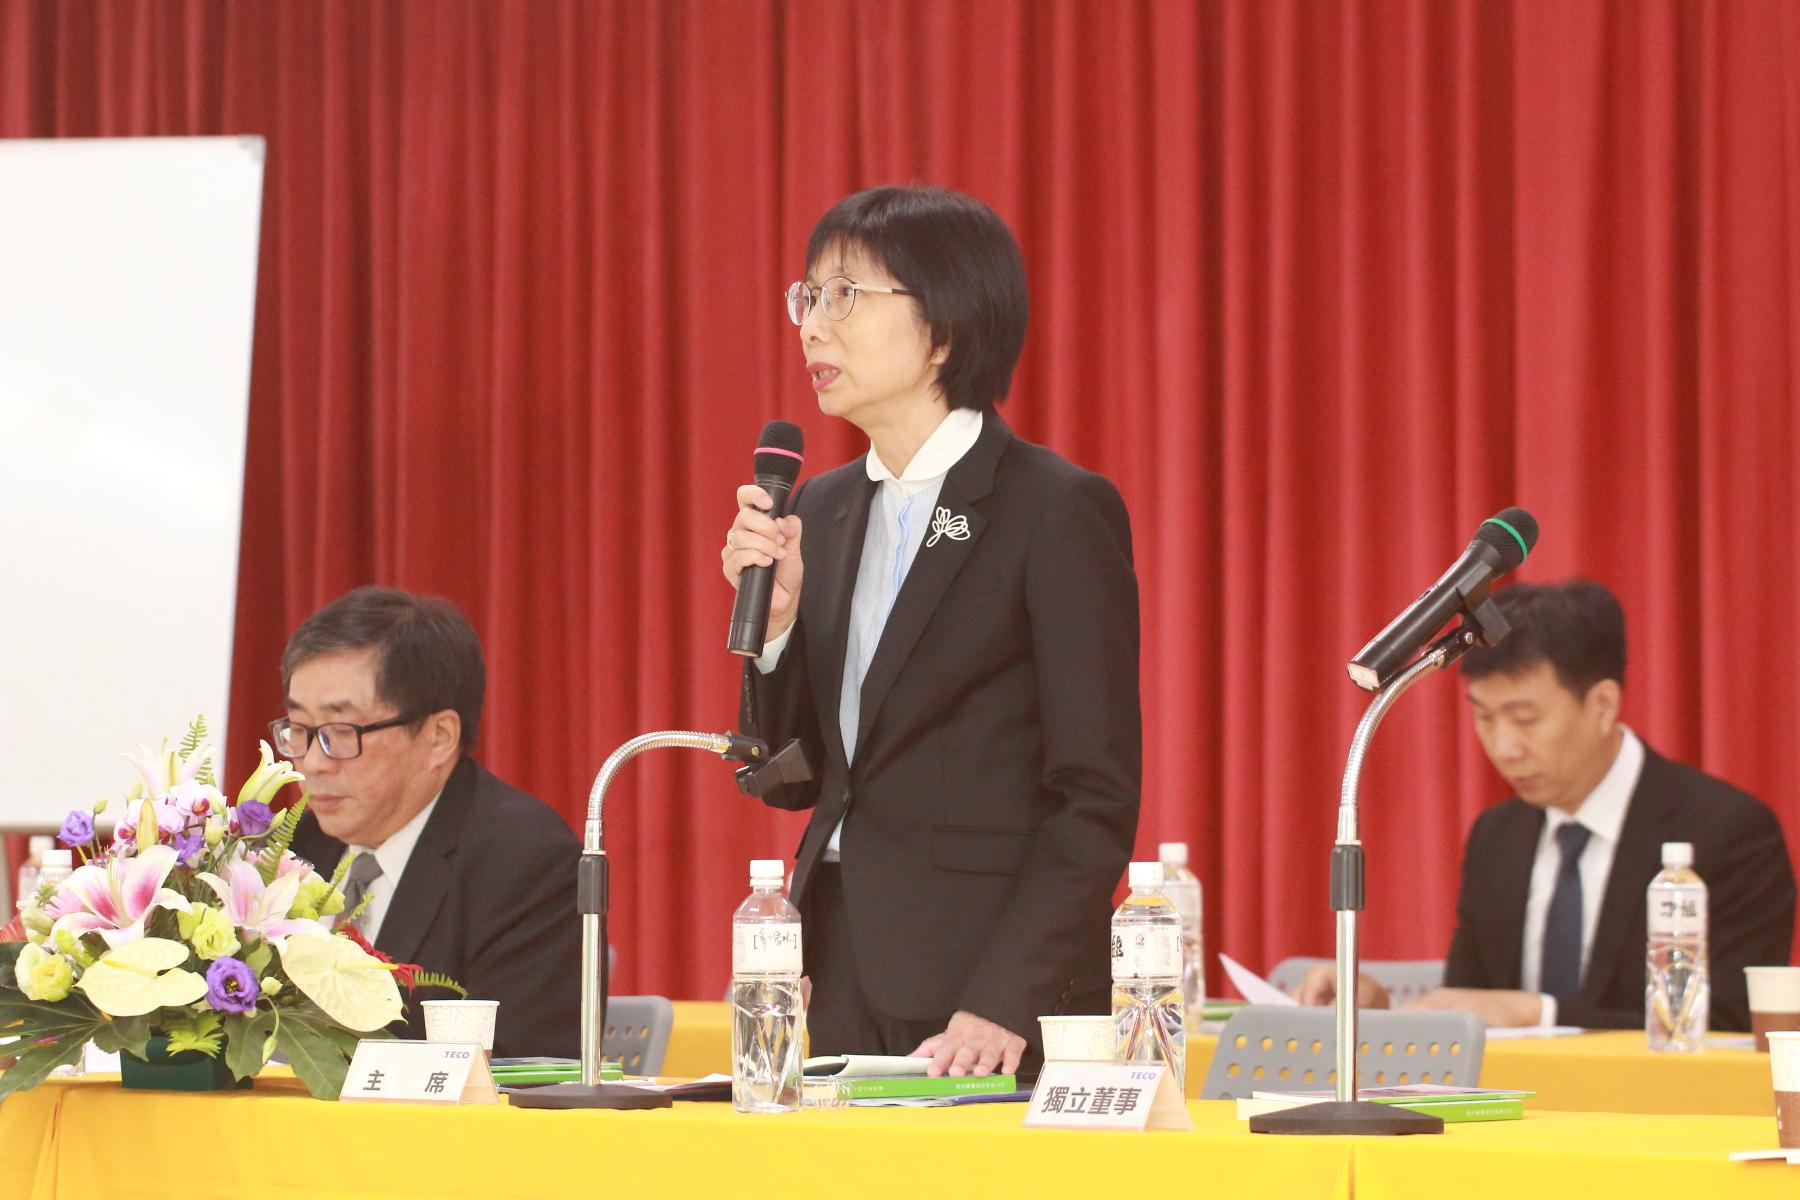 東元電機股東常會改選董事 邱純枝連任董事長